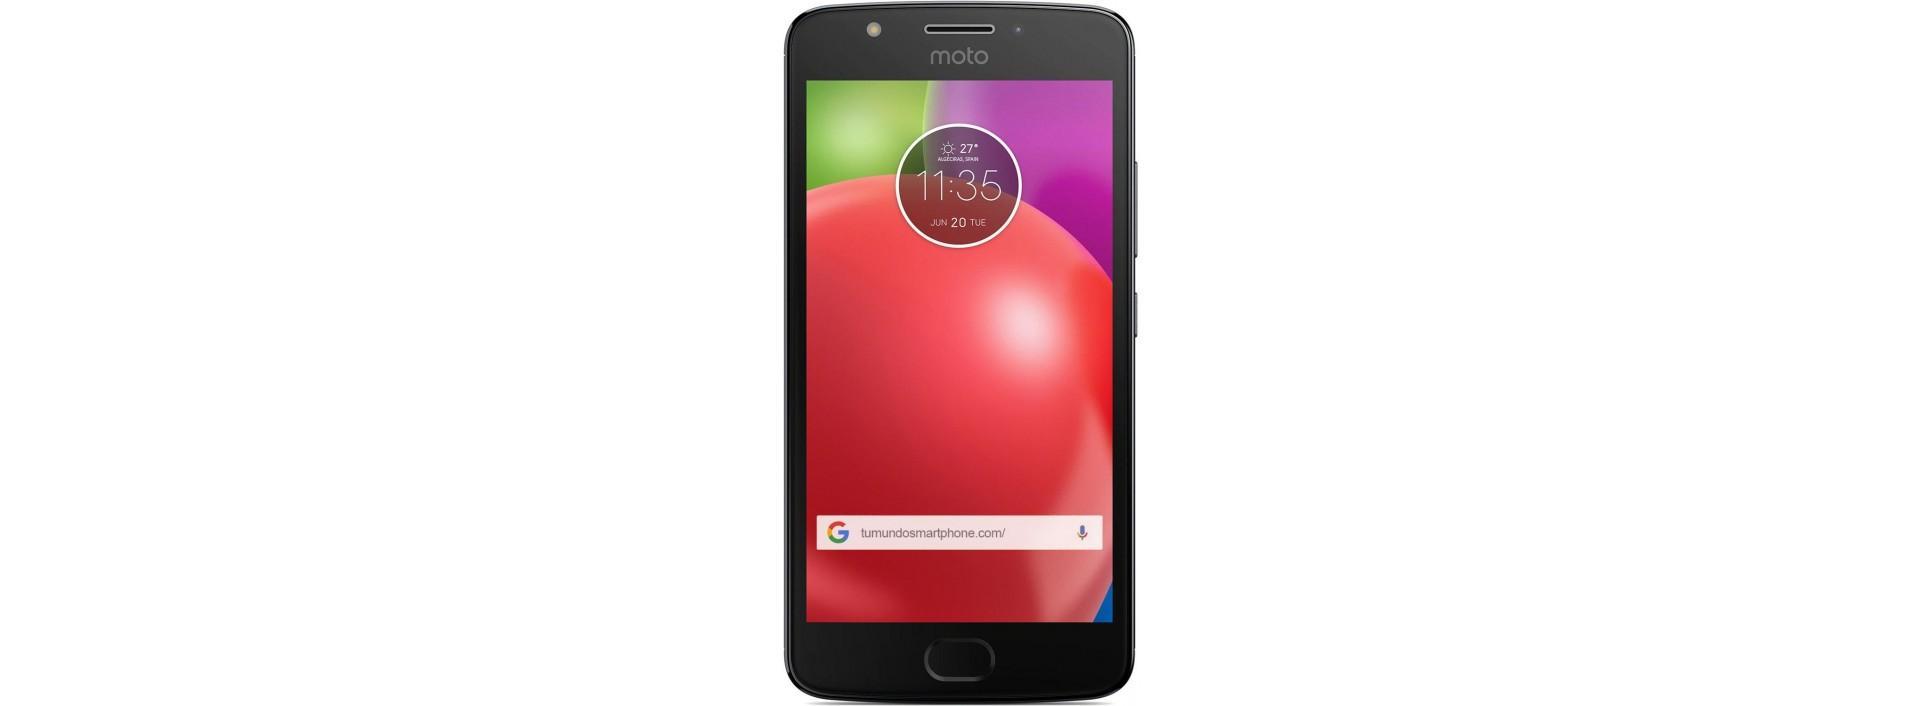 Fundas PERSONALIZADAS Motorola Moto E4, compra ya, Envío Gratis en TMS